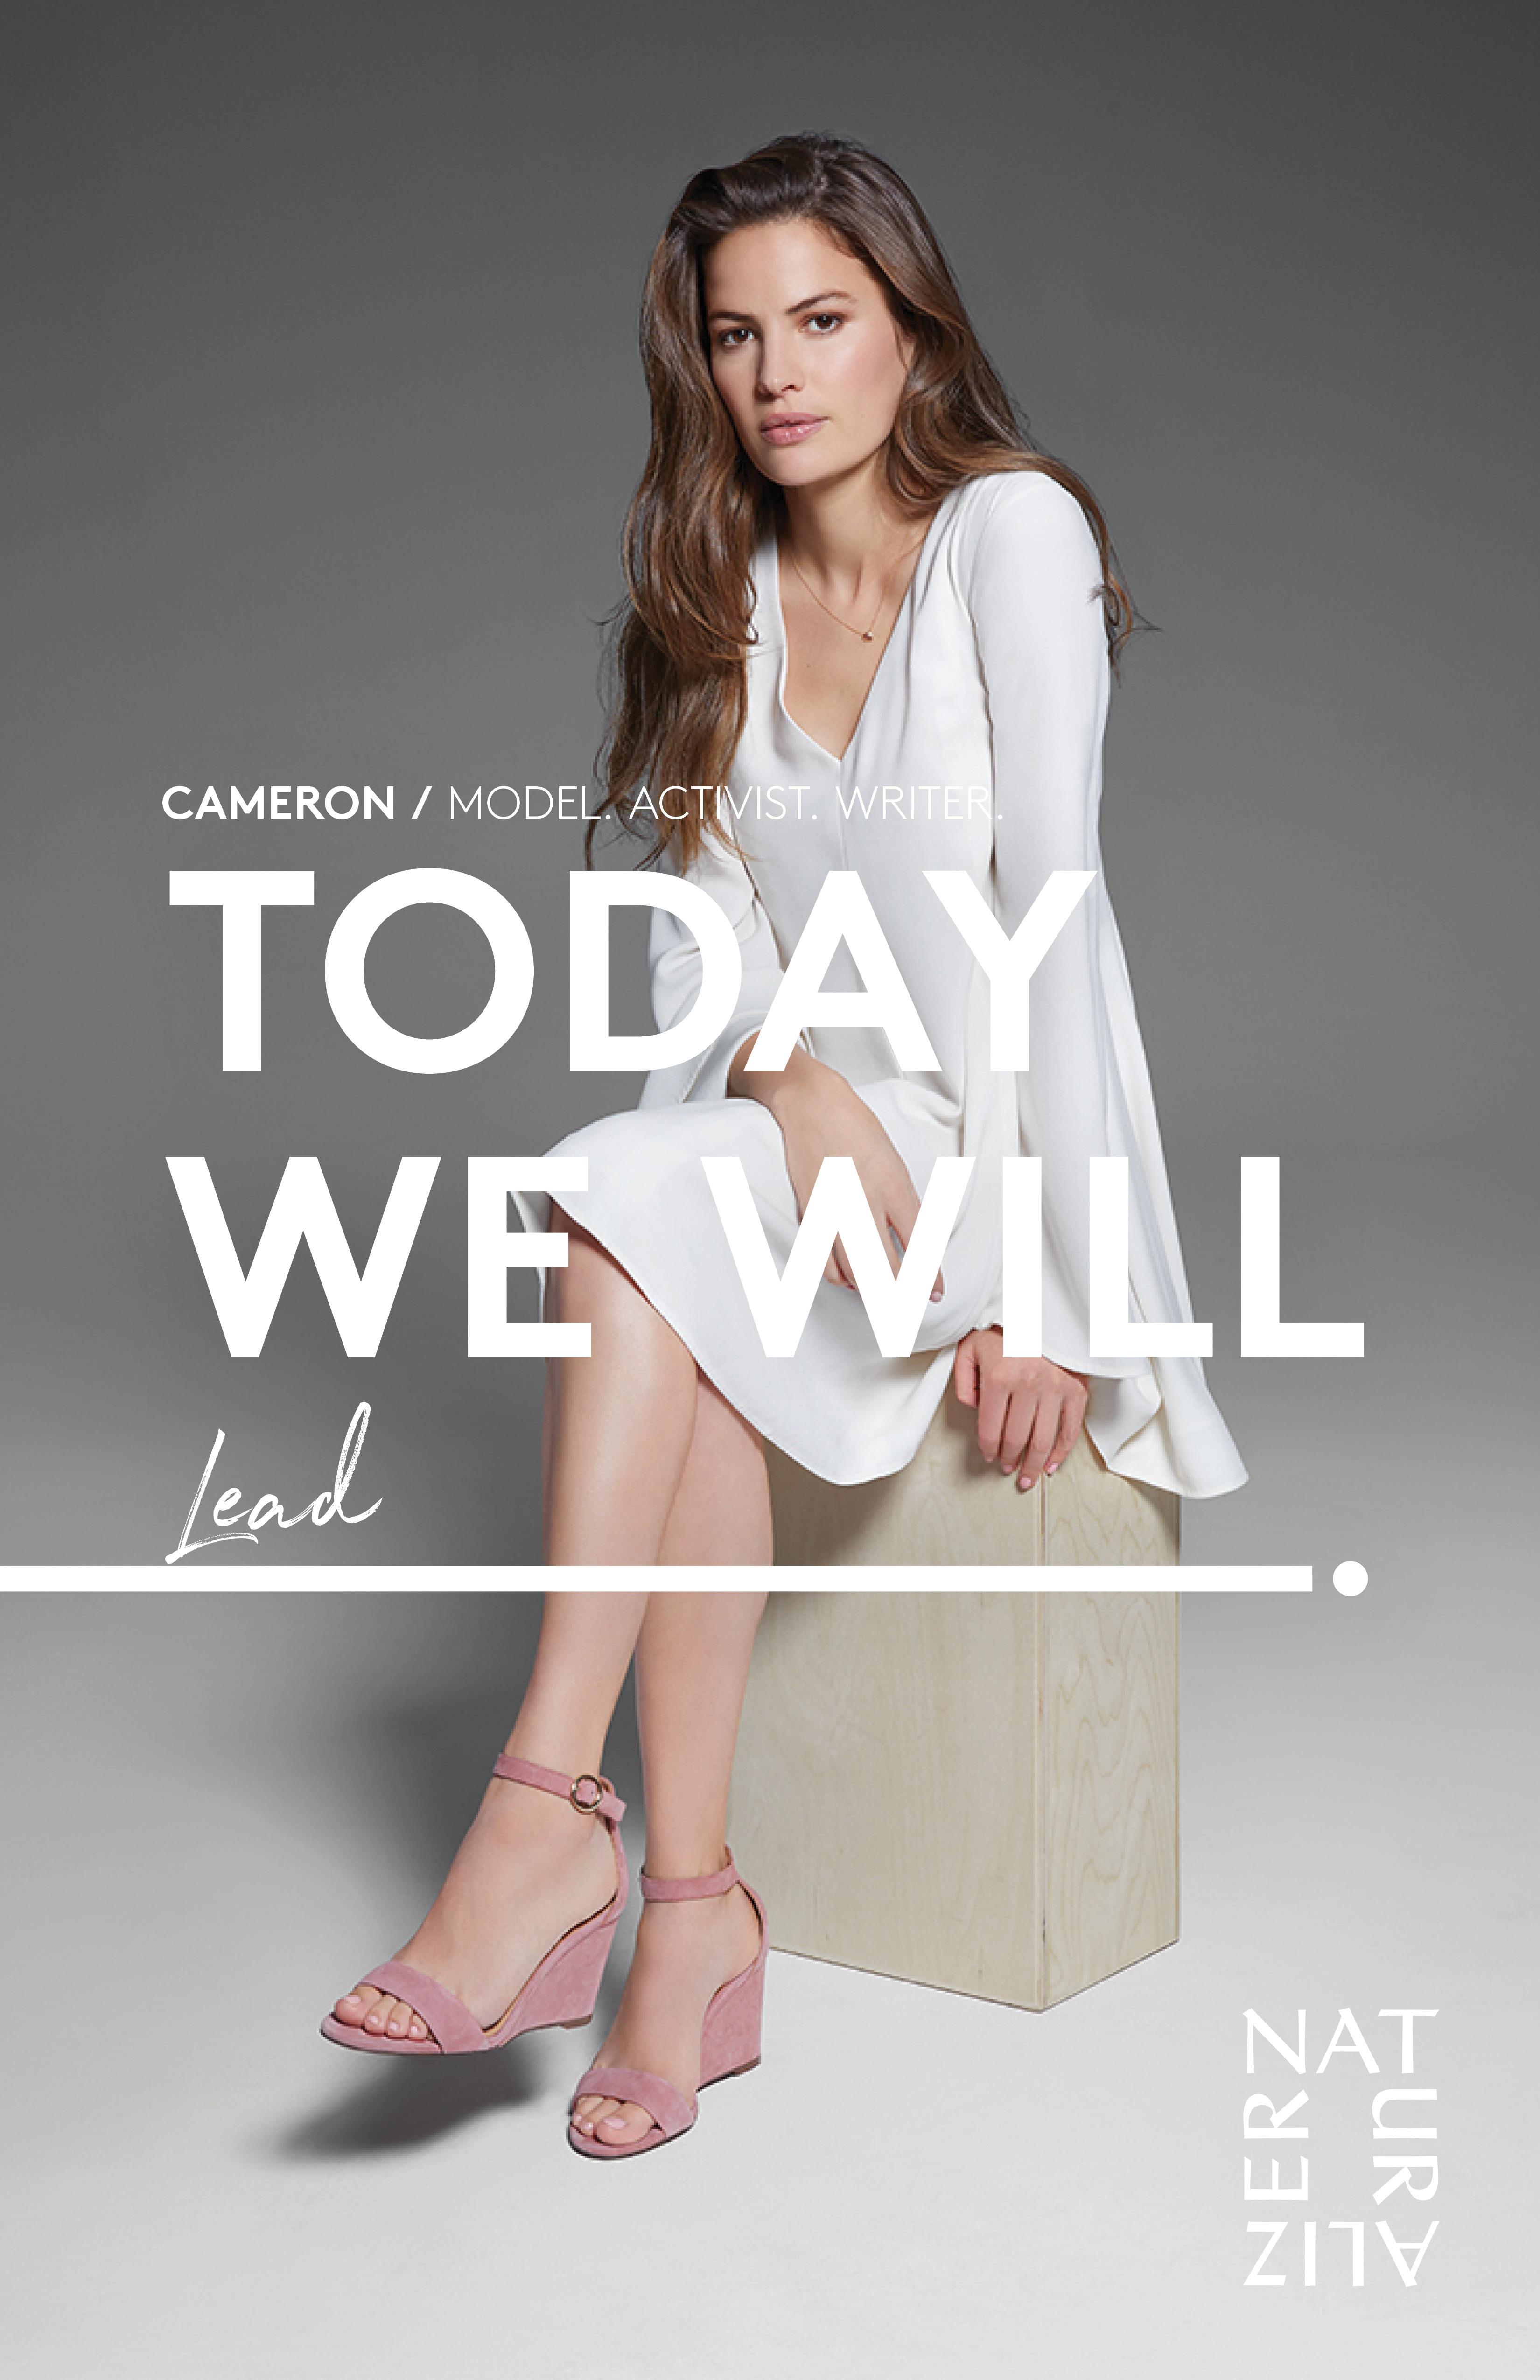 Global Footwear Brand